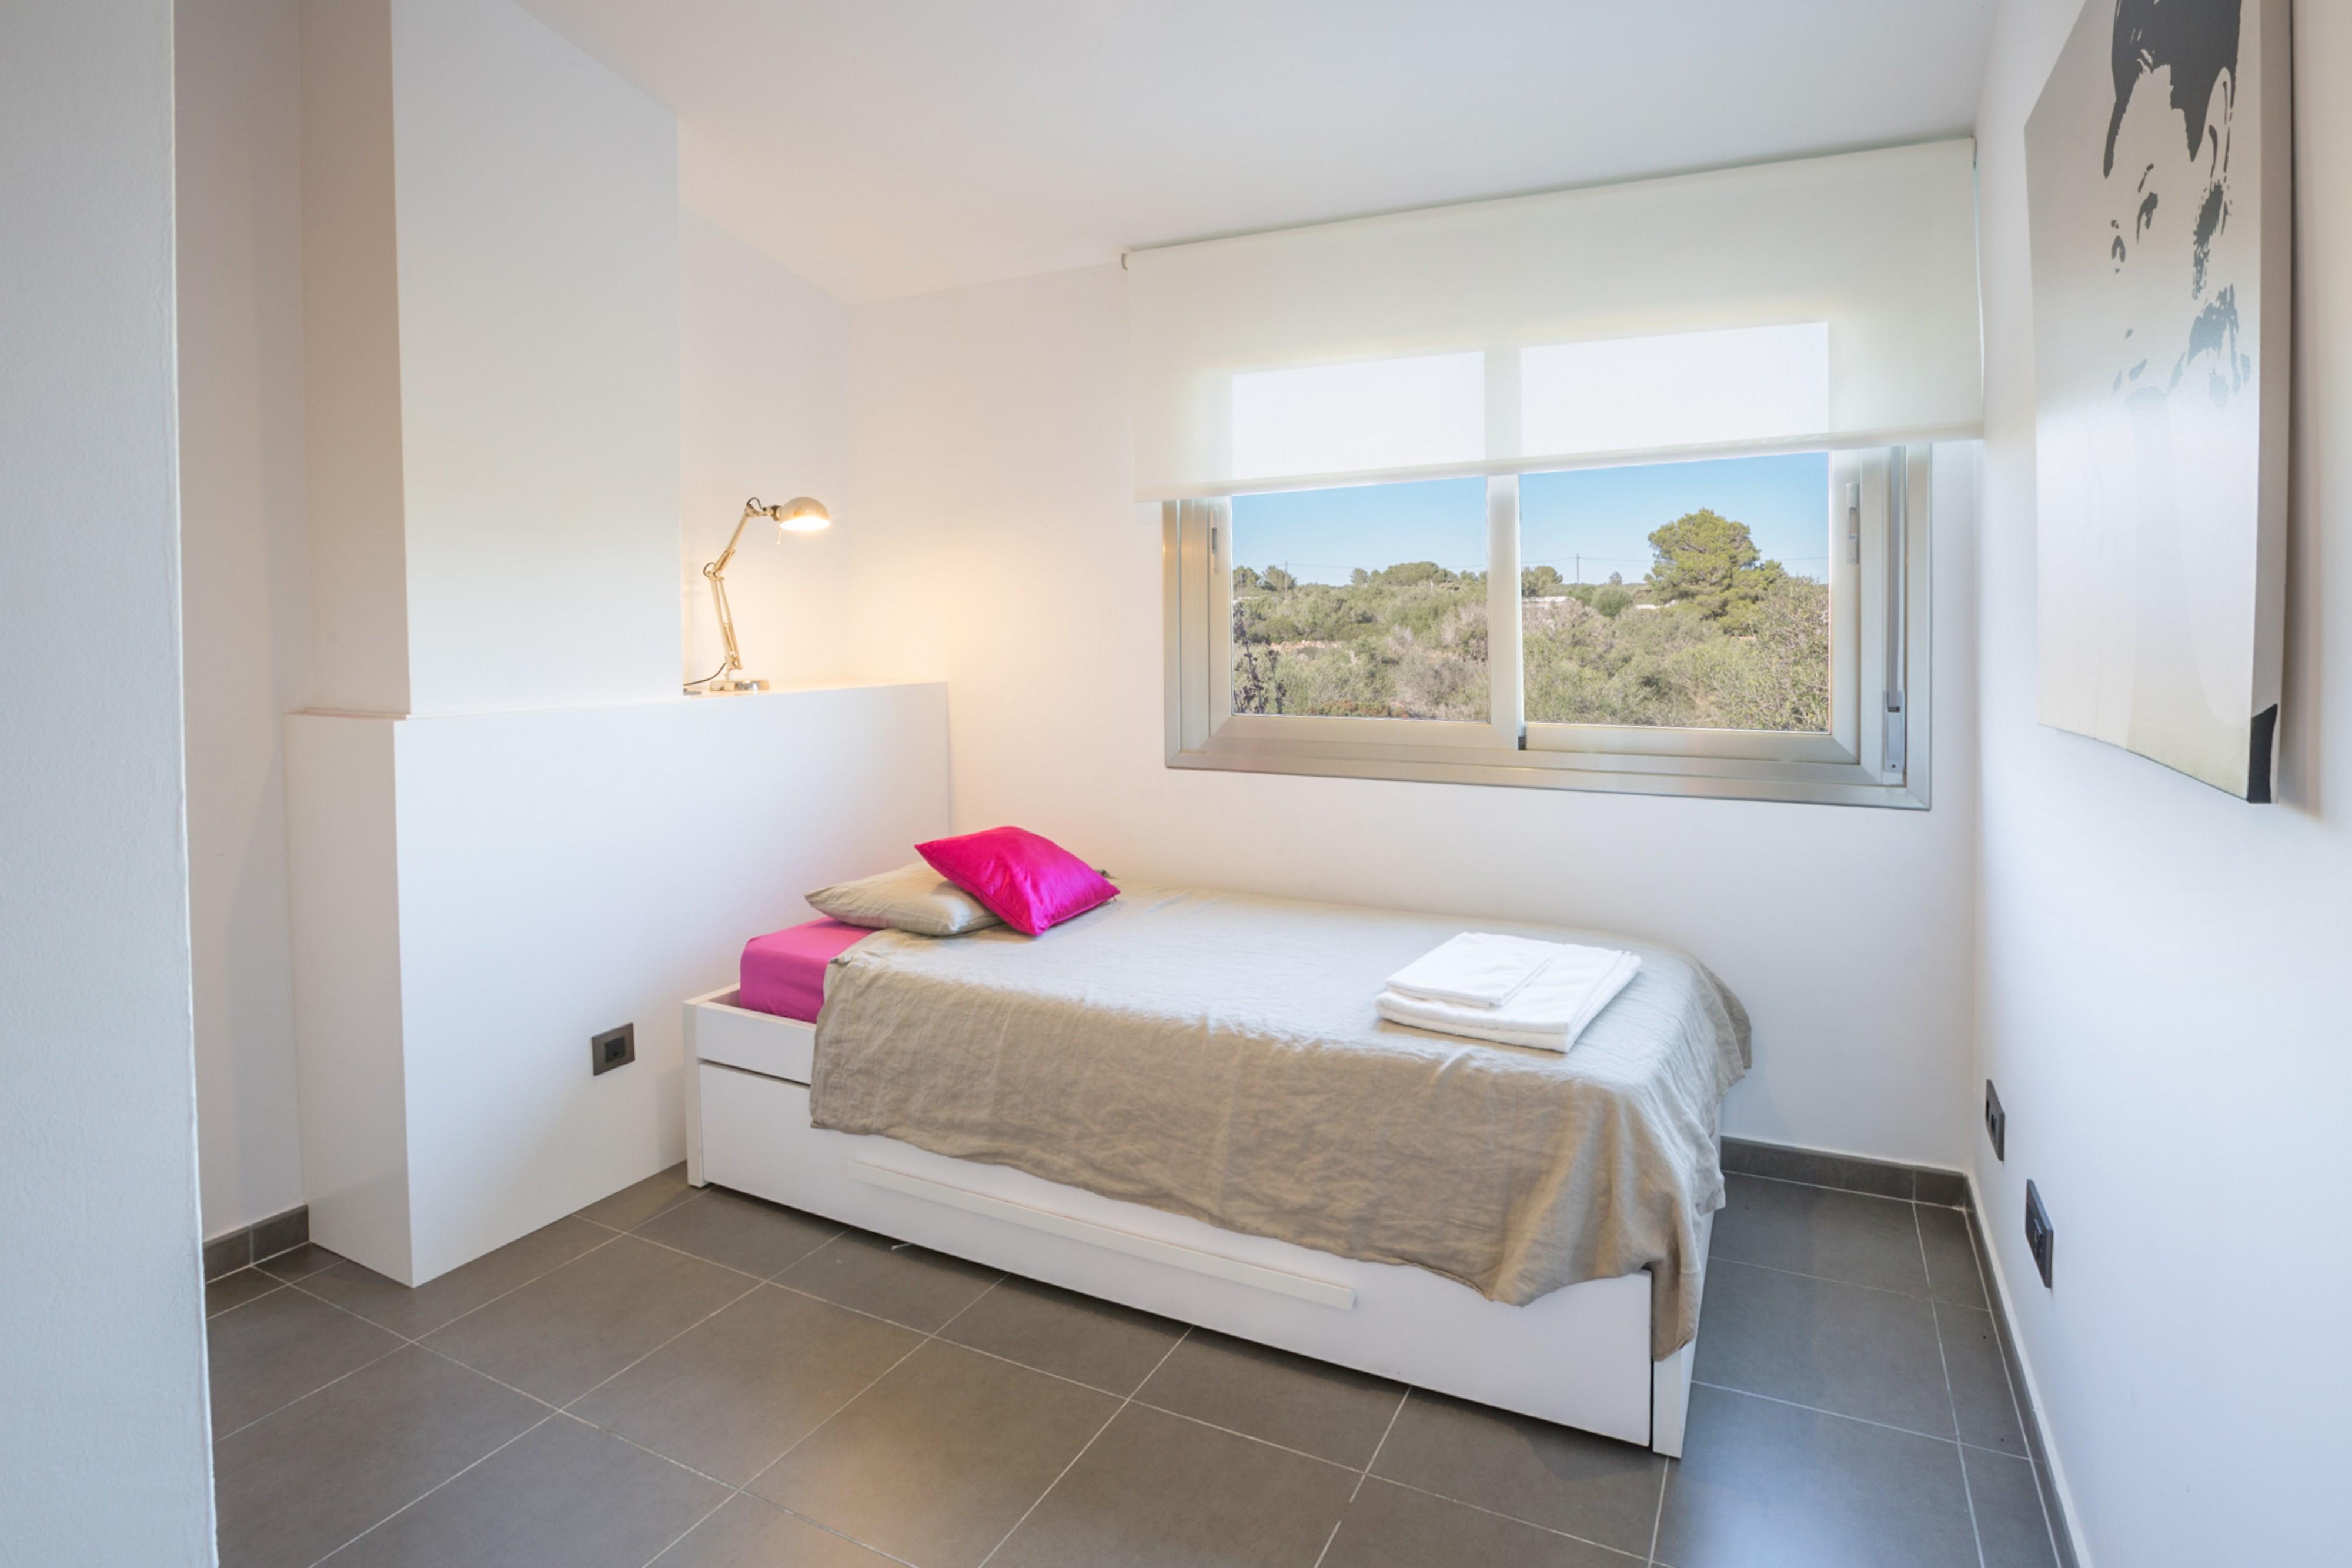 ferienhaus sa r pita mit klimaanlage f r bis zu 10 personen mieten. Black Bedroom Furniture Sets. Home Design Ideas